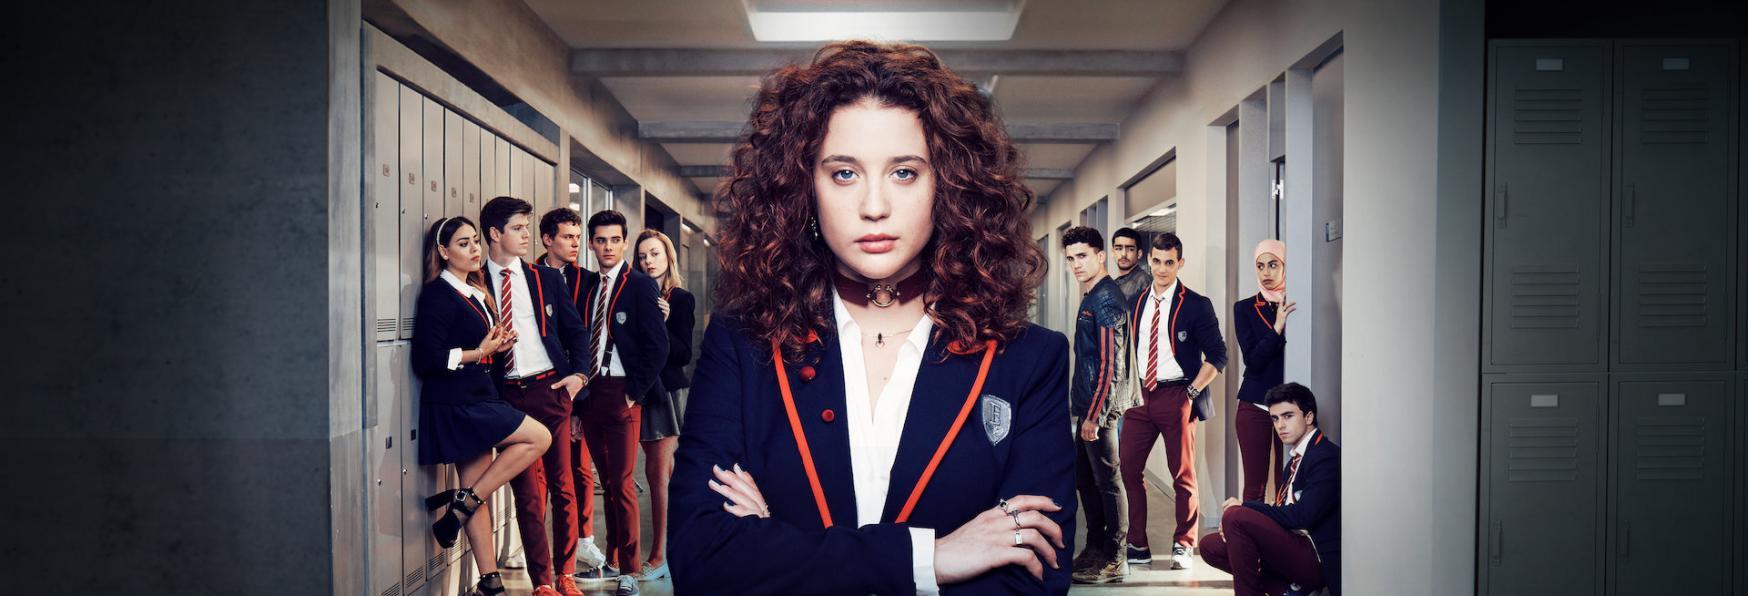 Élite 5: Netflix Ufficializza il Rinnovo della Serie TV prima del Debutto della 4° Stagione